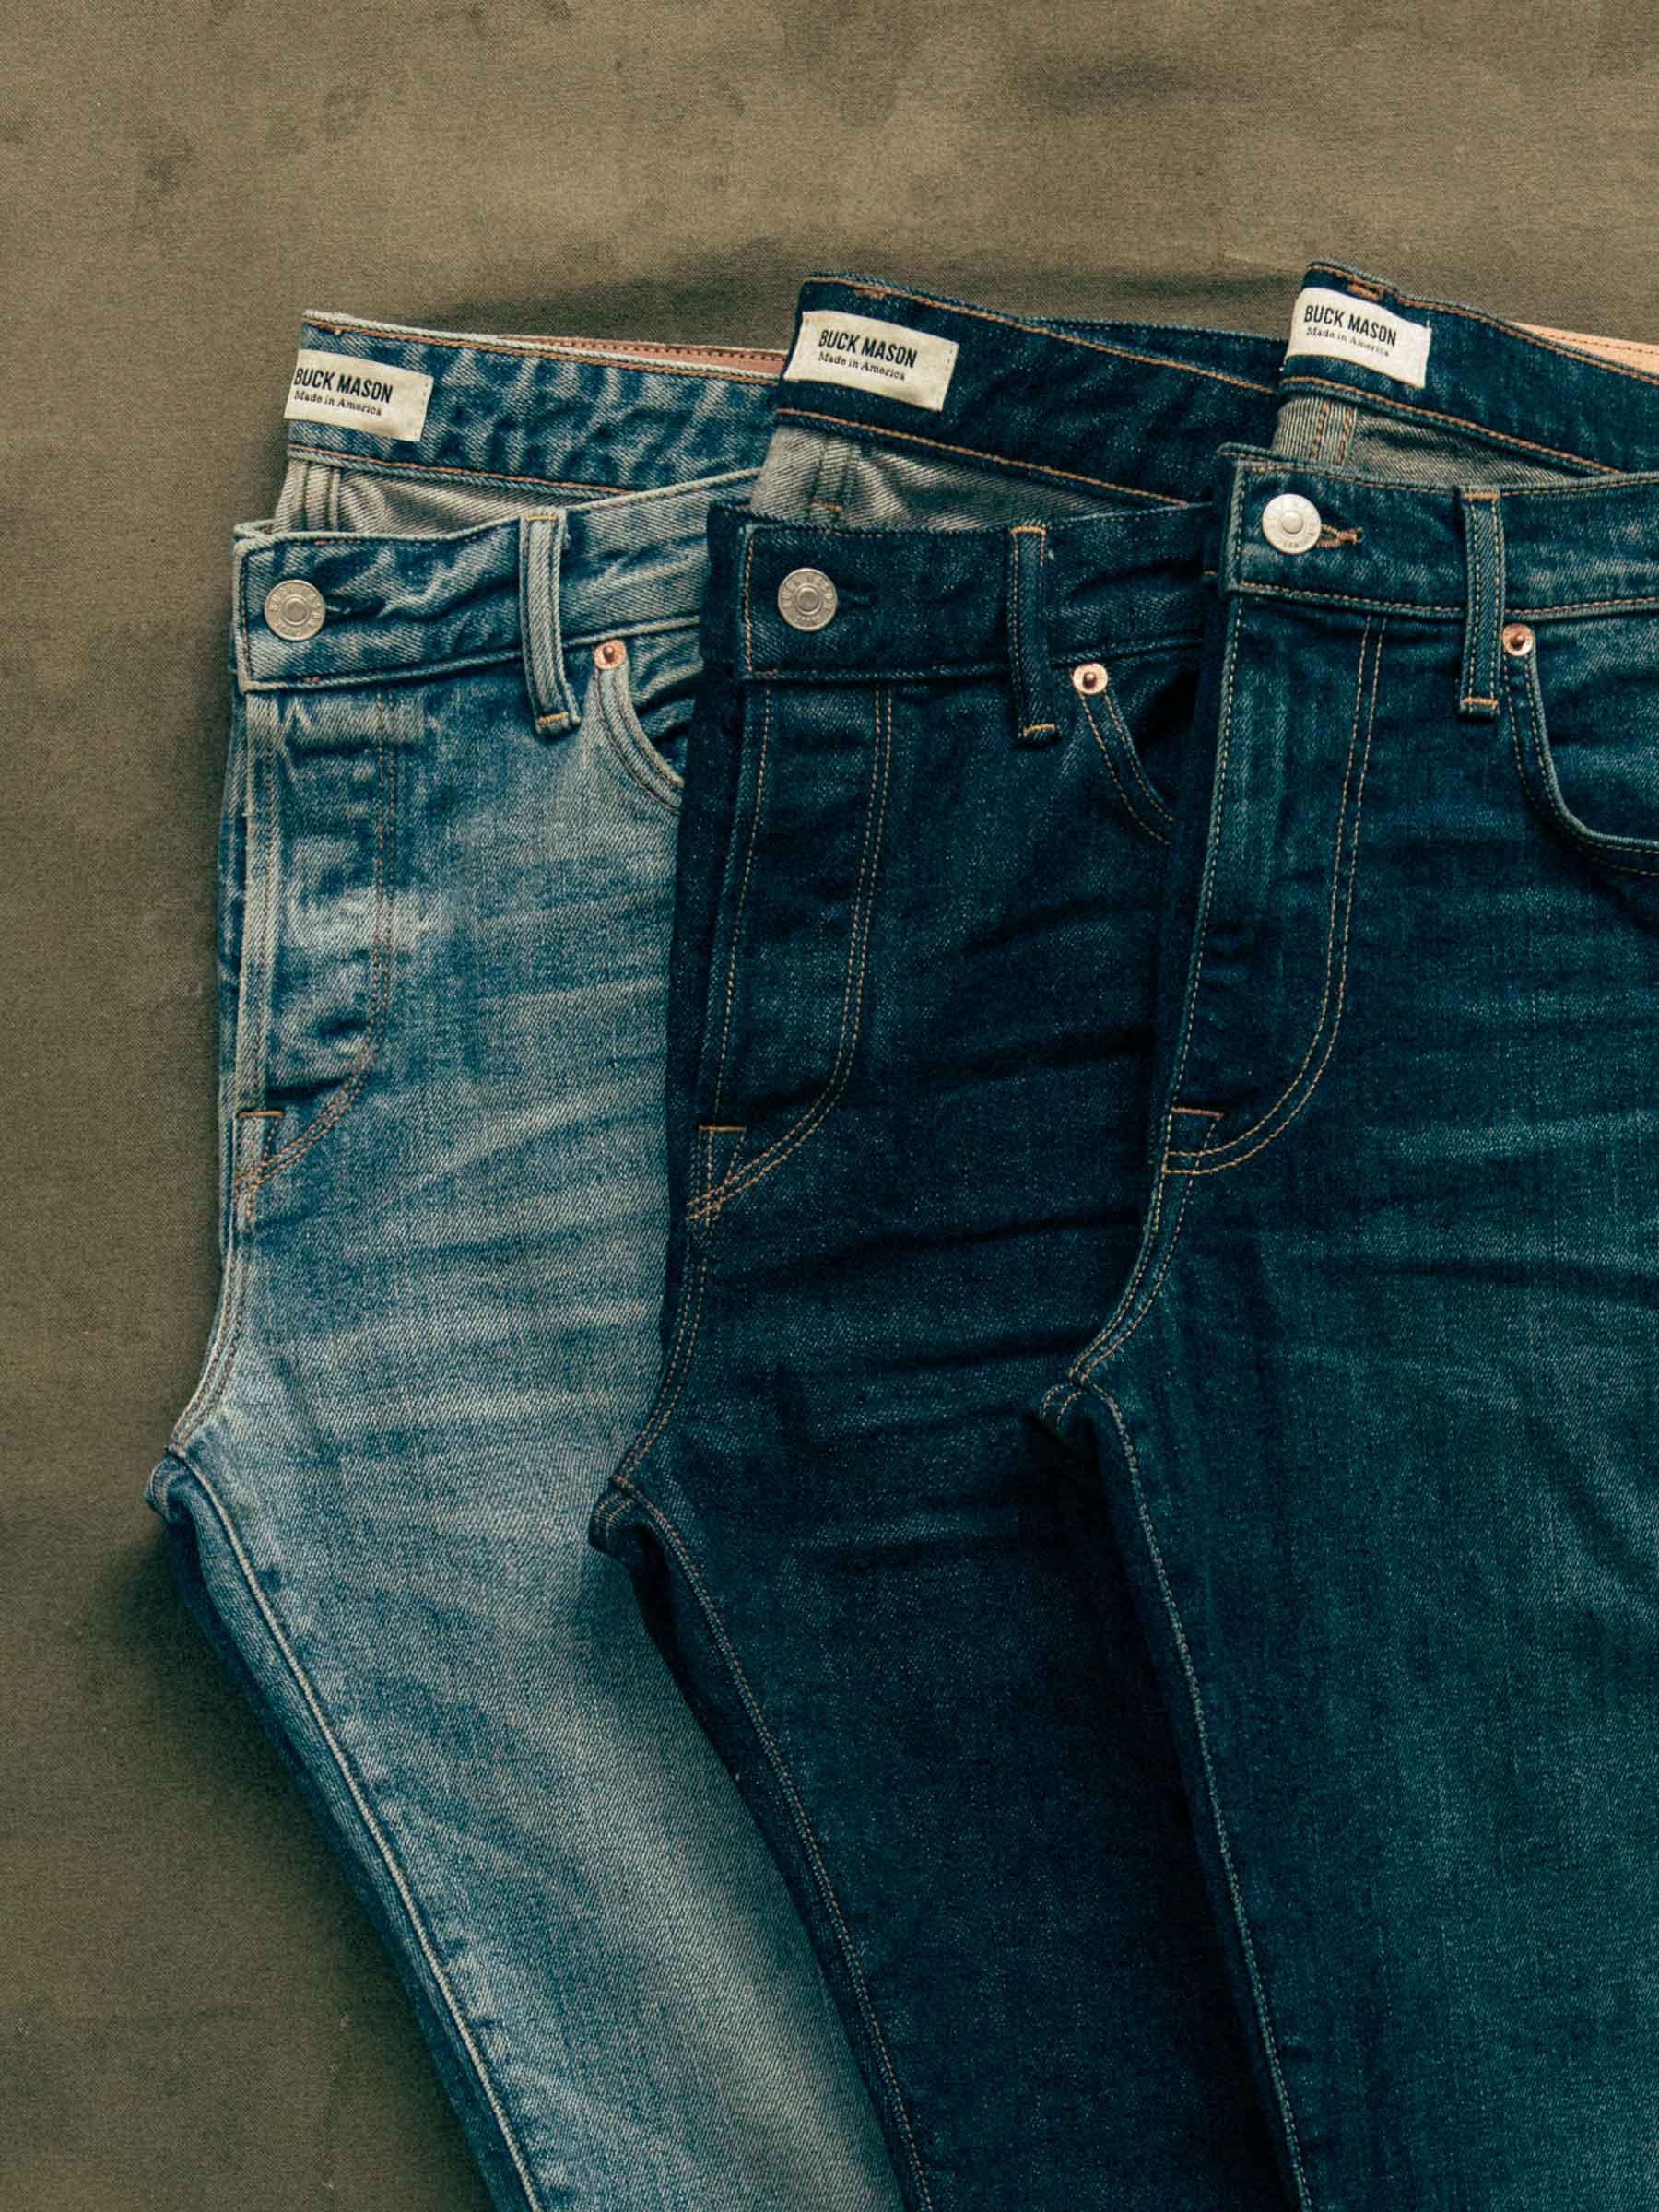 Buck Mason - L003 Light Wash Standard Jean